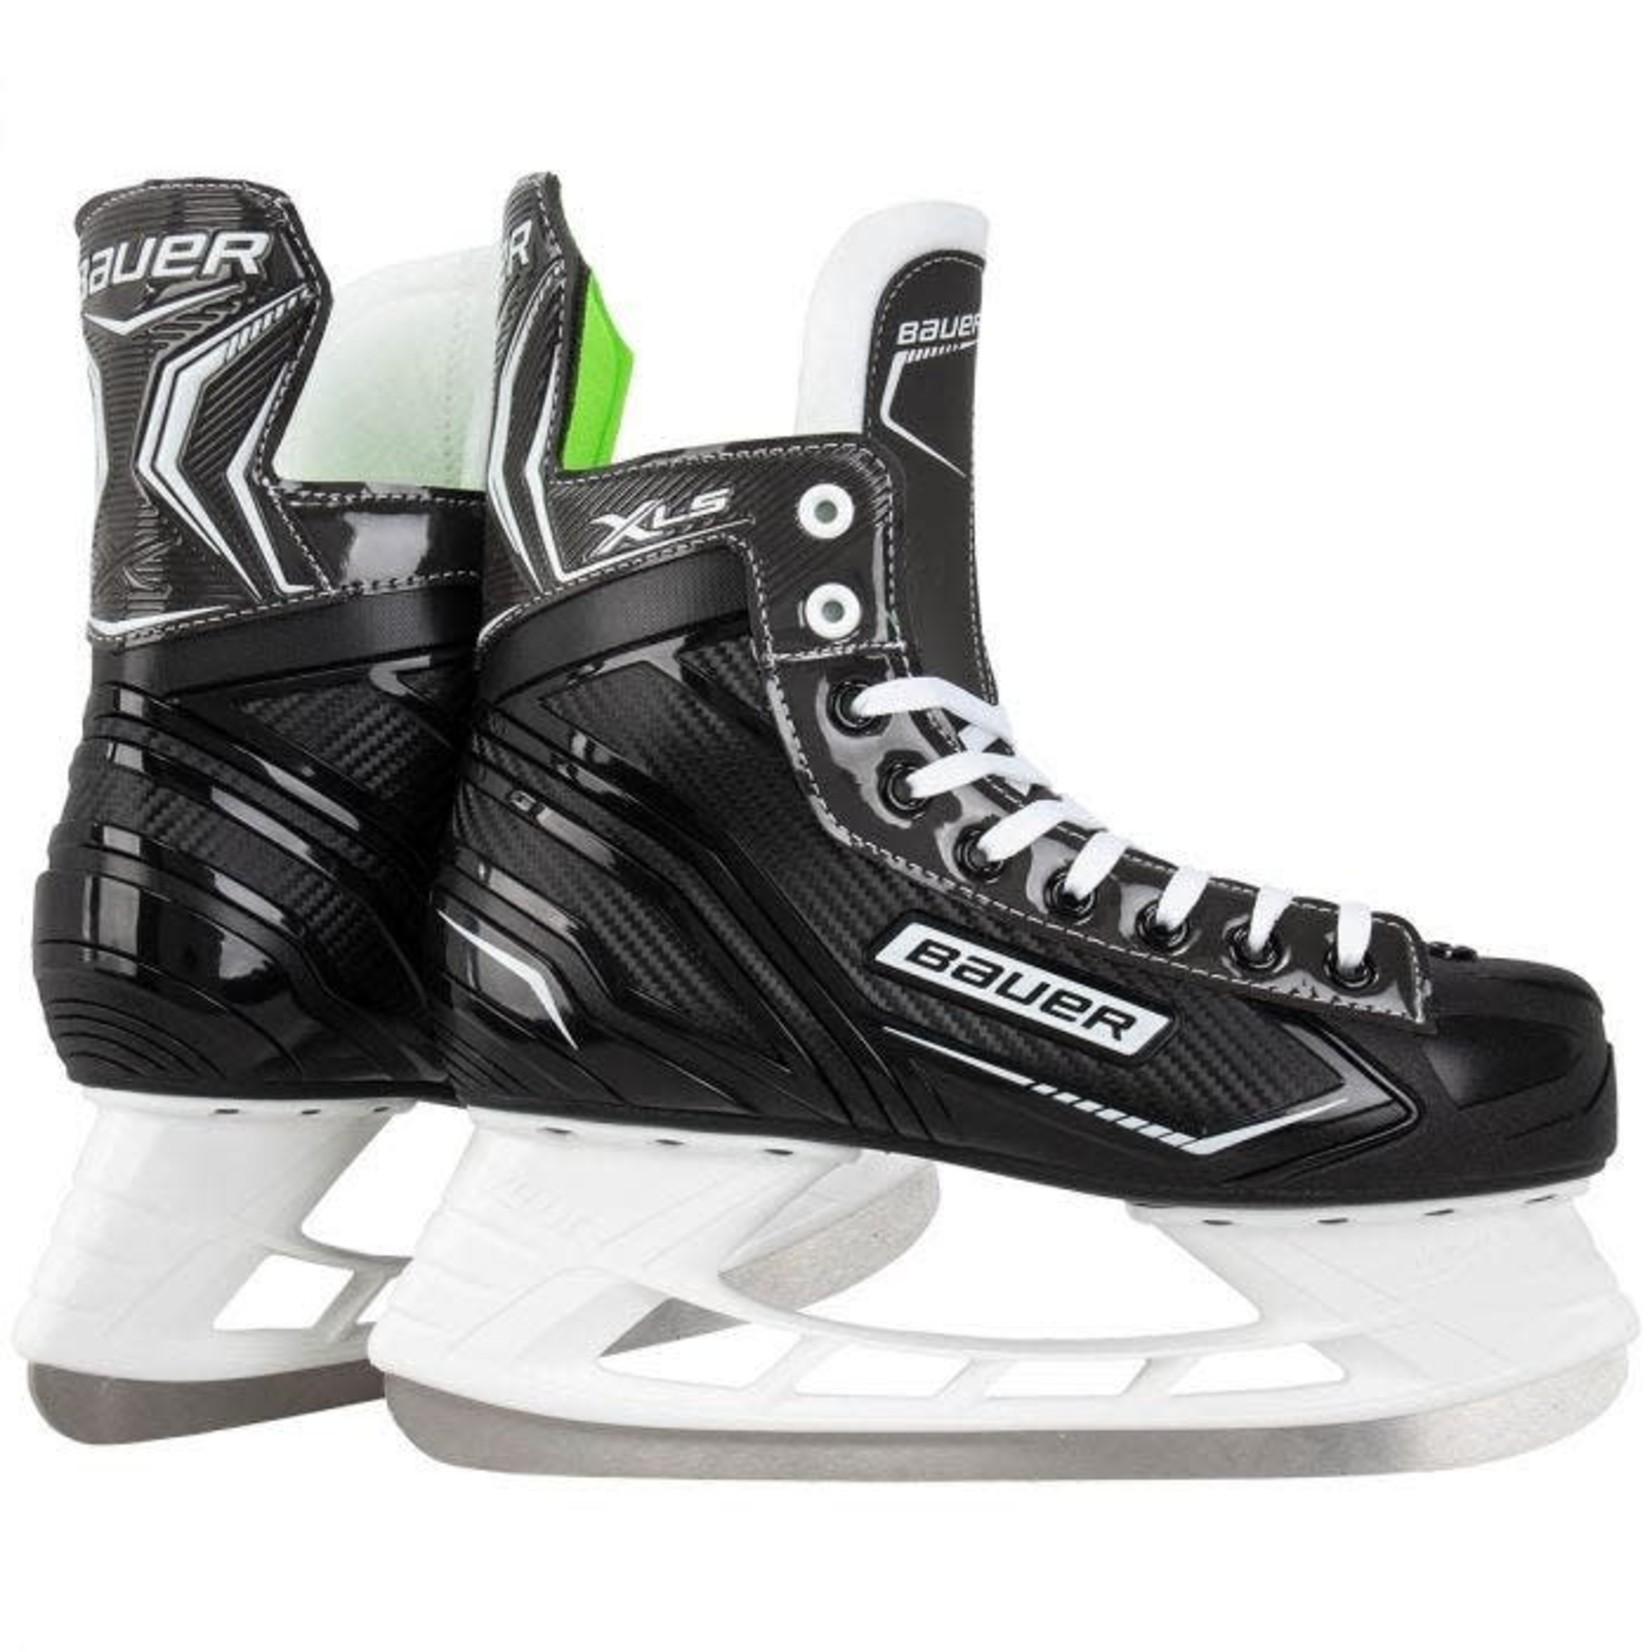 Bauer Bauer Hockey Skates, X-LS, Senior